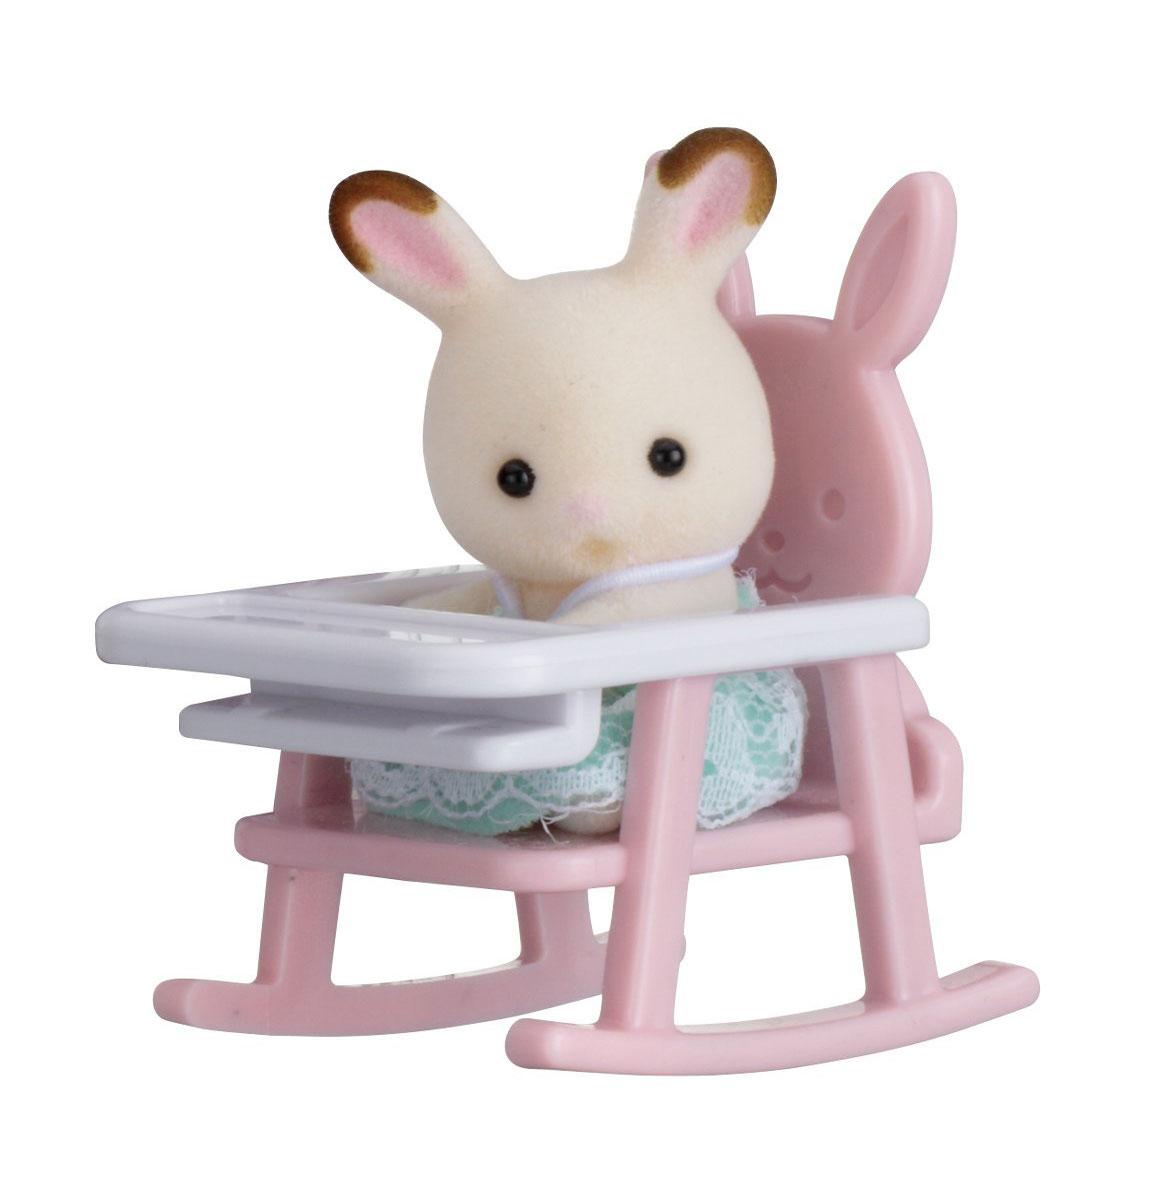 Sylvanian Families Фигурка Малыш кролик в детском кресле